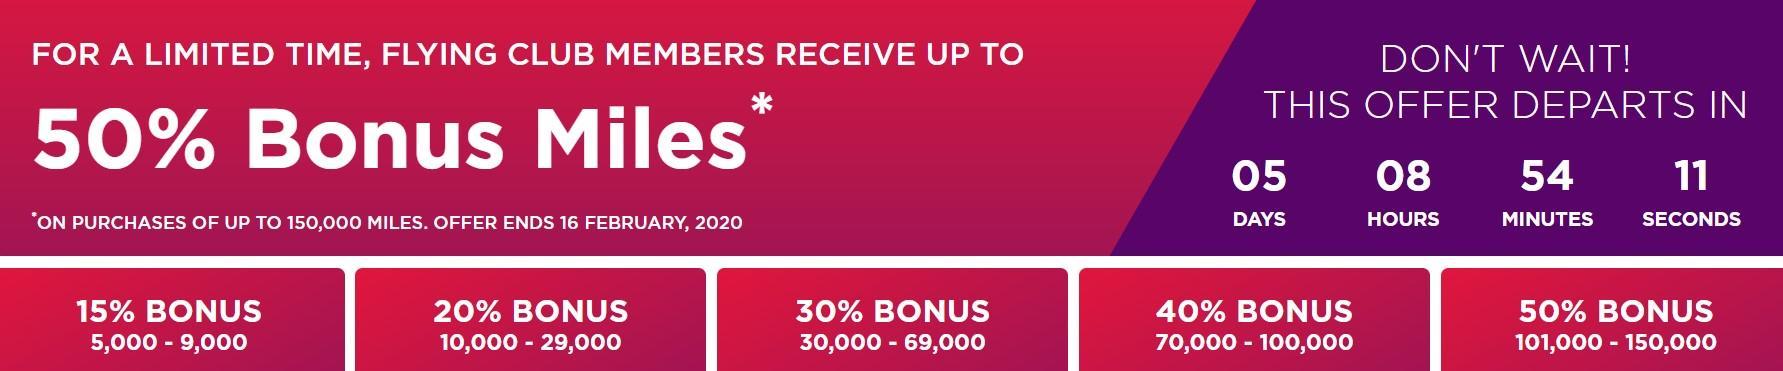 Распродажа миль Virgin Atlantic с бонусом до 50%